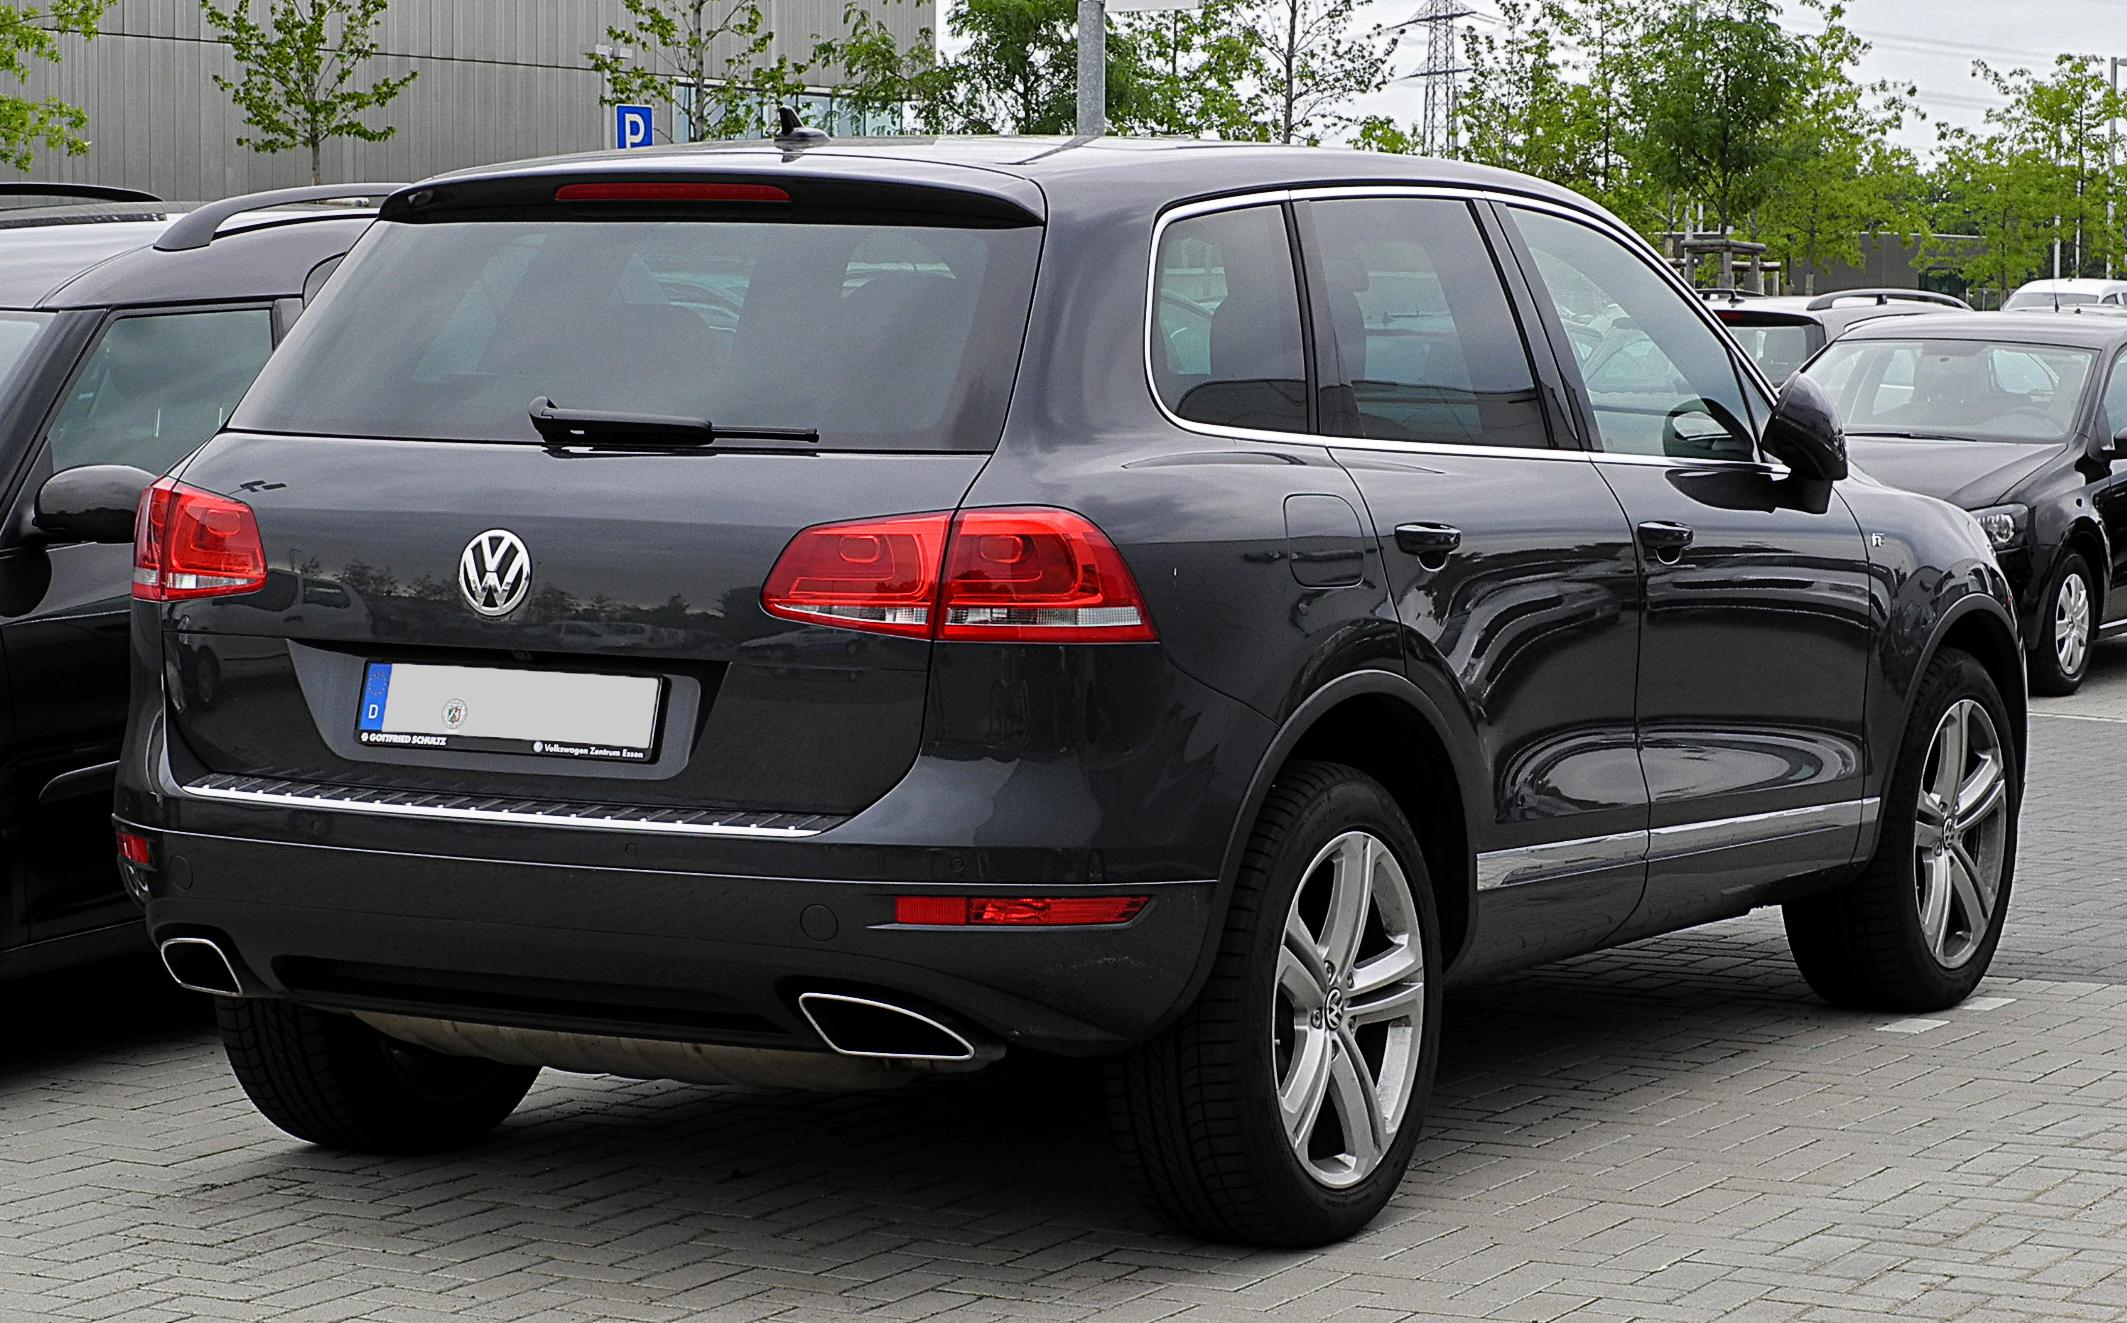 File:VW Touareg R-Line (II) – Heckansicht, 3. Juli 2011 ...